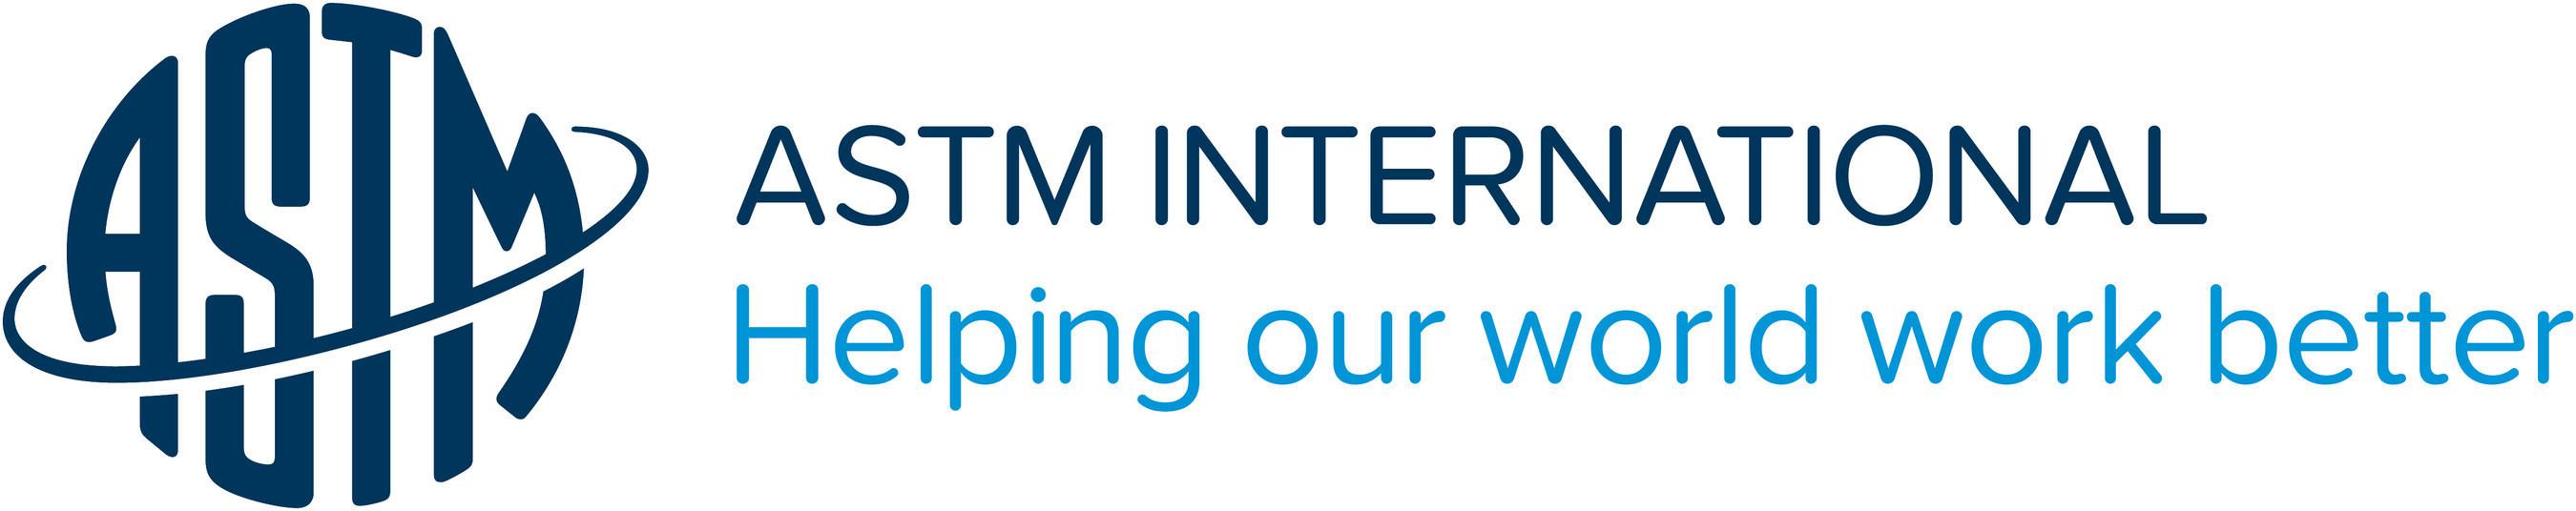 ASTM International Logo (PRNewsFoto/ASTM International) (PRNewsFoto/ASTM International)